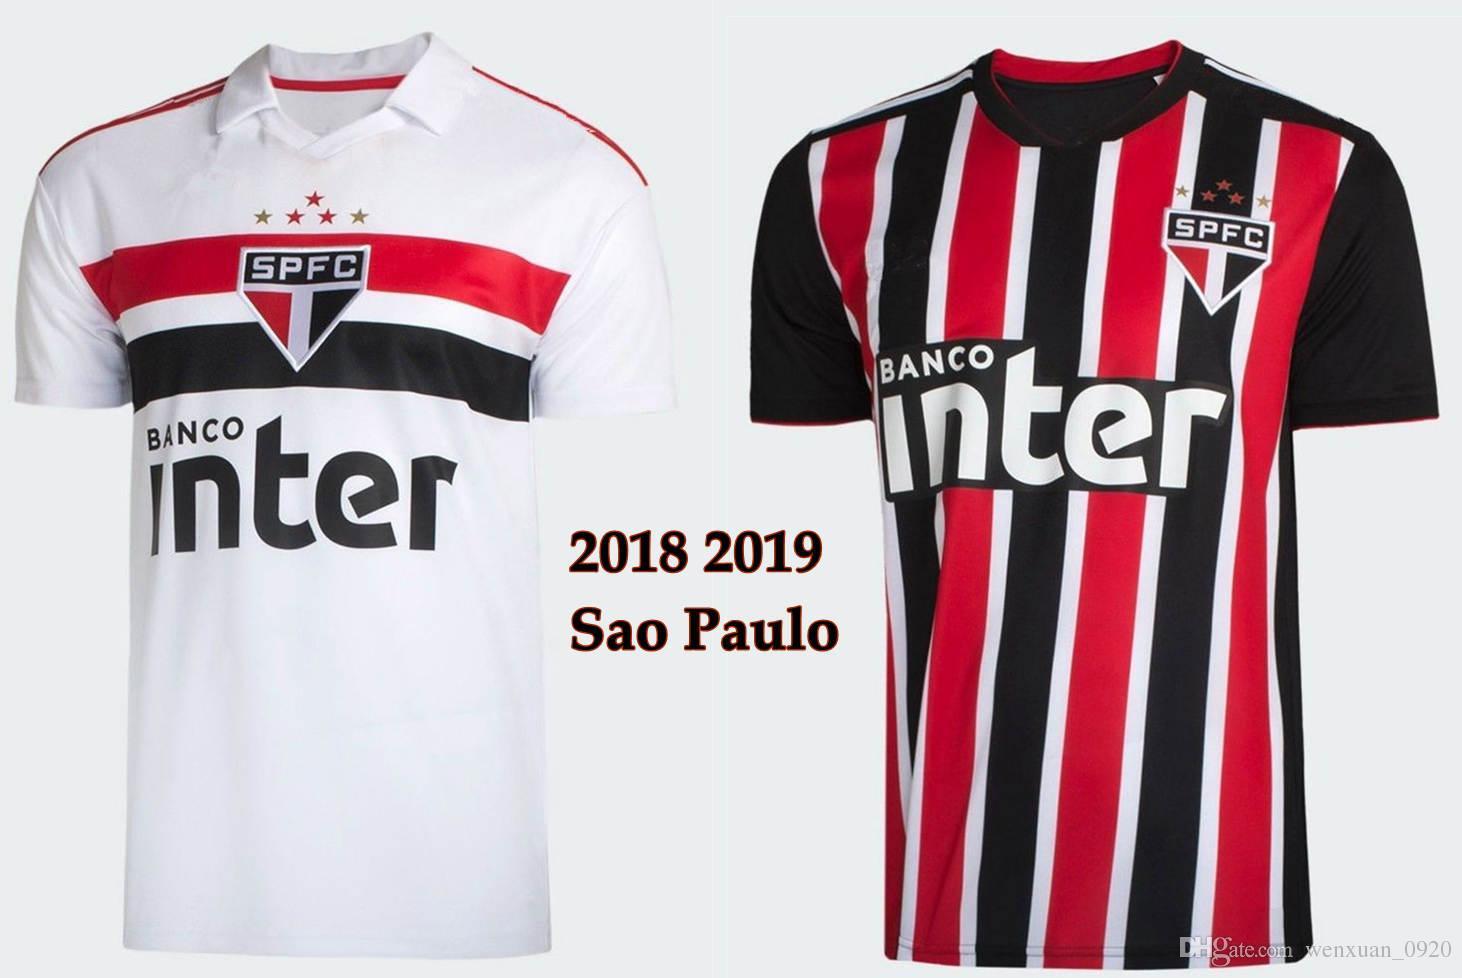 Compre 2018 2019 São Paulo Camisas De Futebol Thai Quality Home Away Camisas  18 19 São Paulo Camisetas Camisas De Futebol De Wenxuan 0920 6085cce888a80